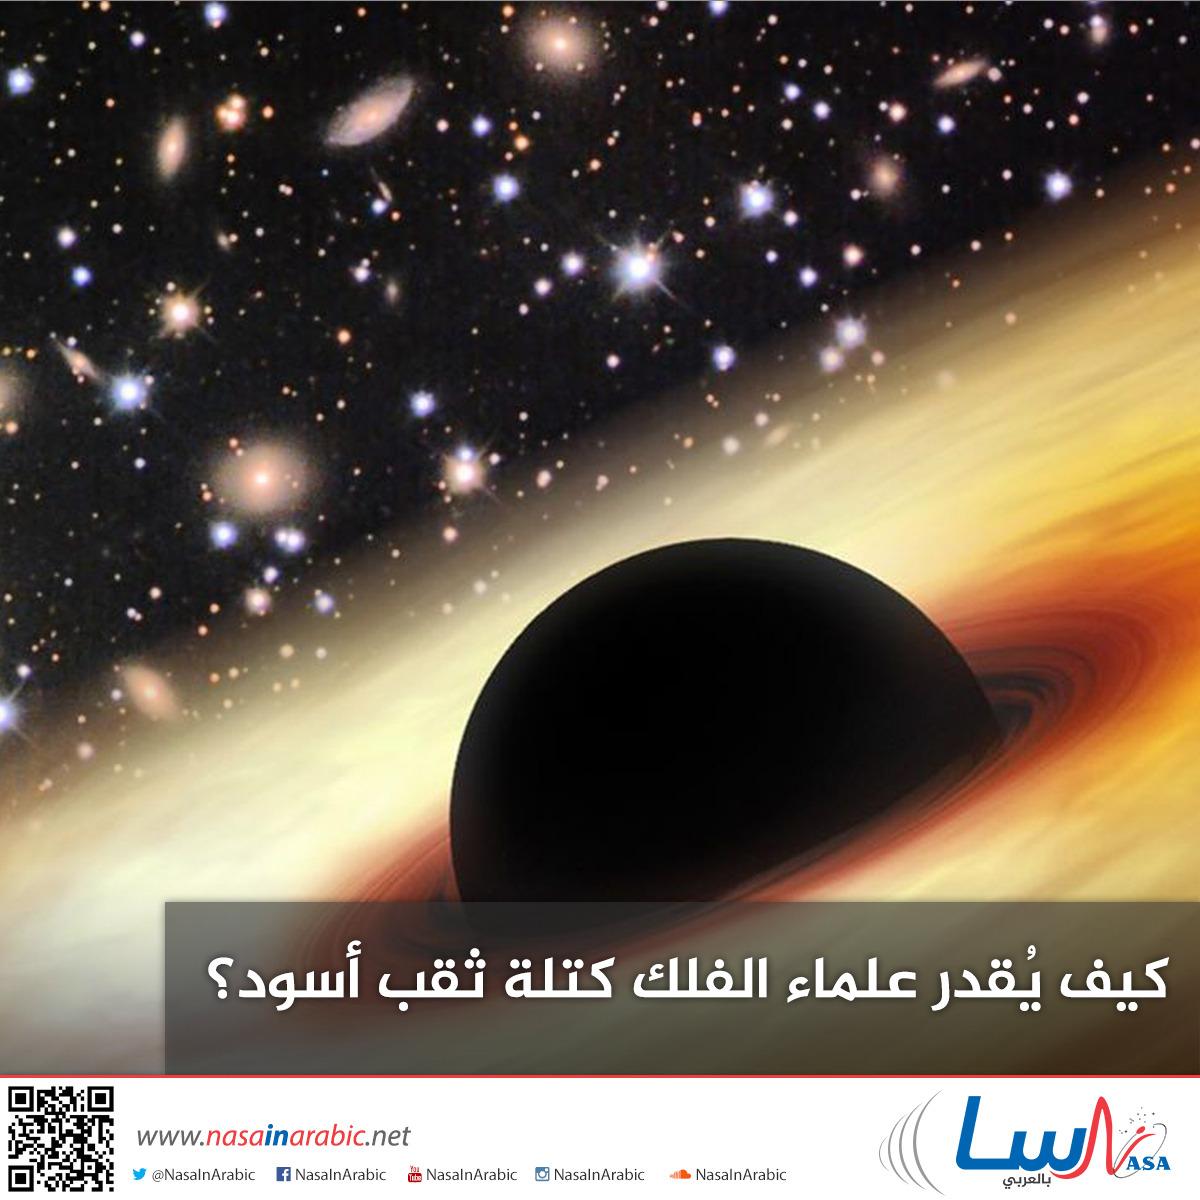 كيف يُقدر علماء الفلك كتلة ثقب أسود؟